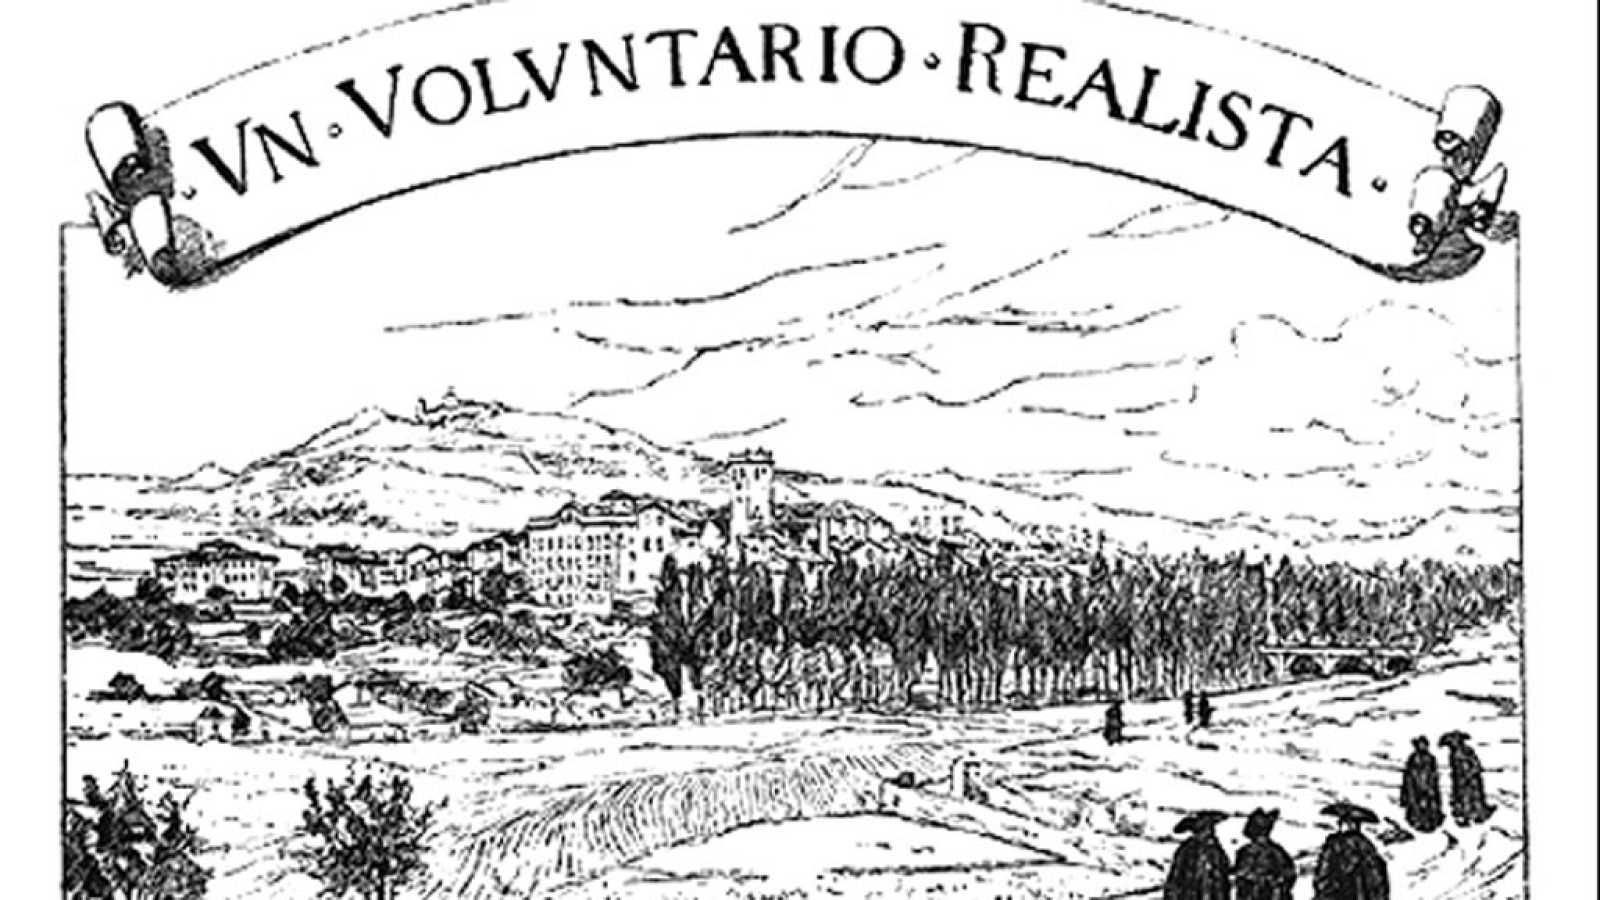 Los episodios nacionales - Un voluntario realista (I)